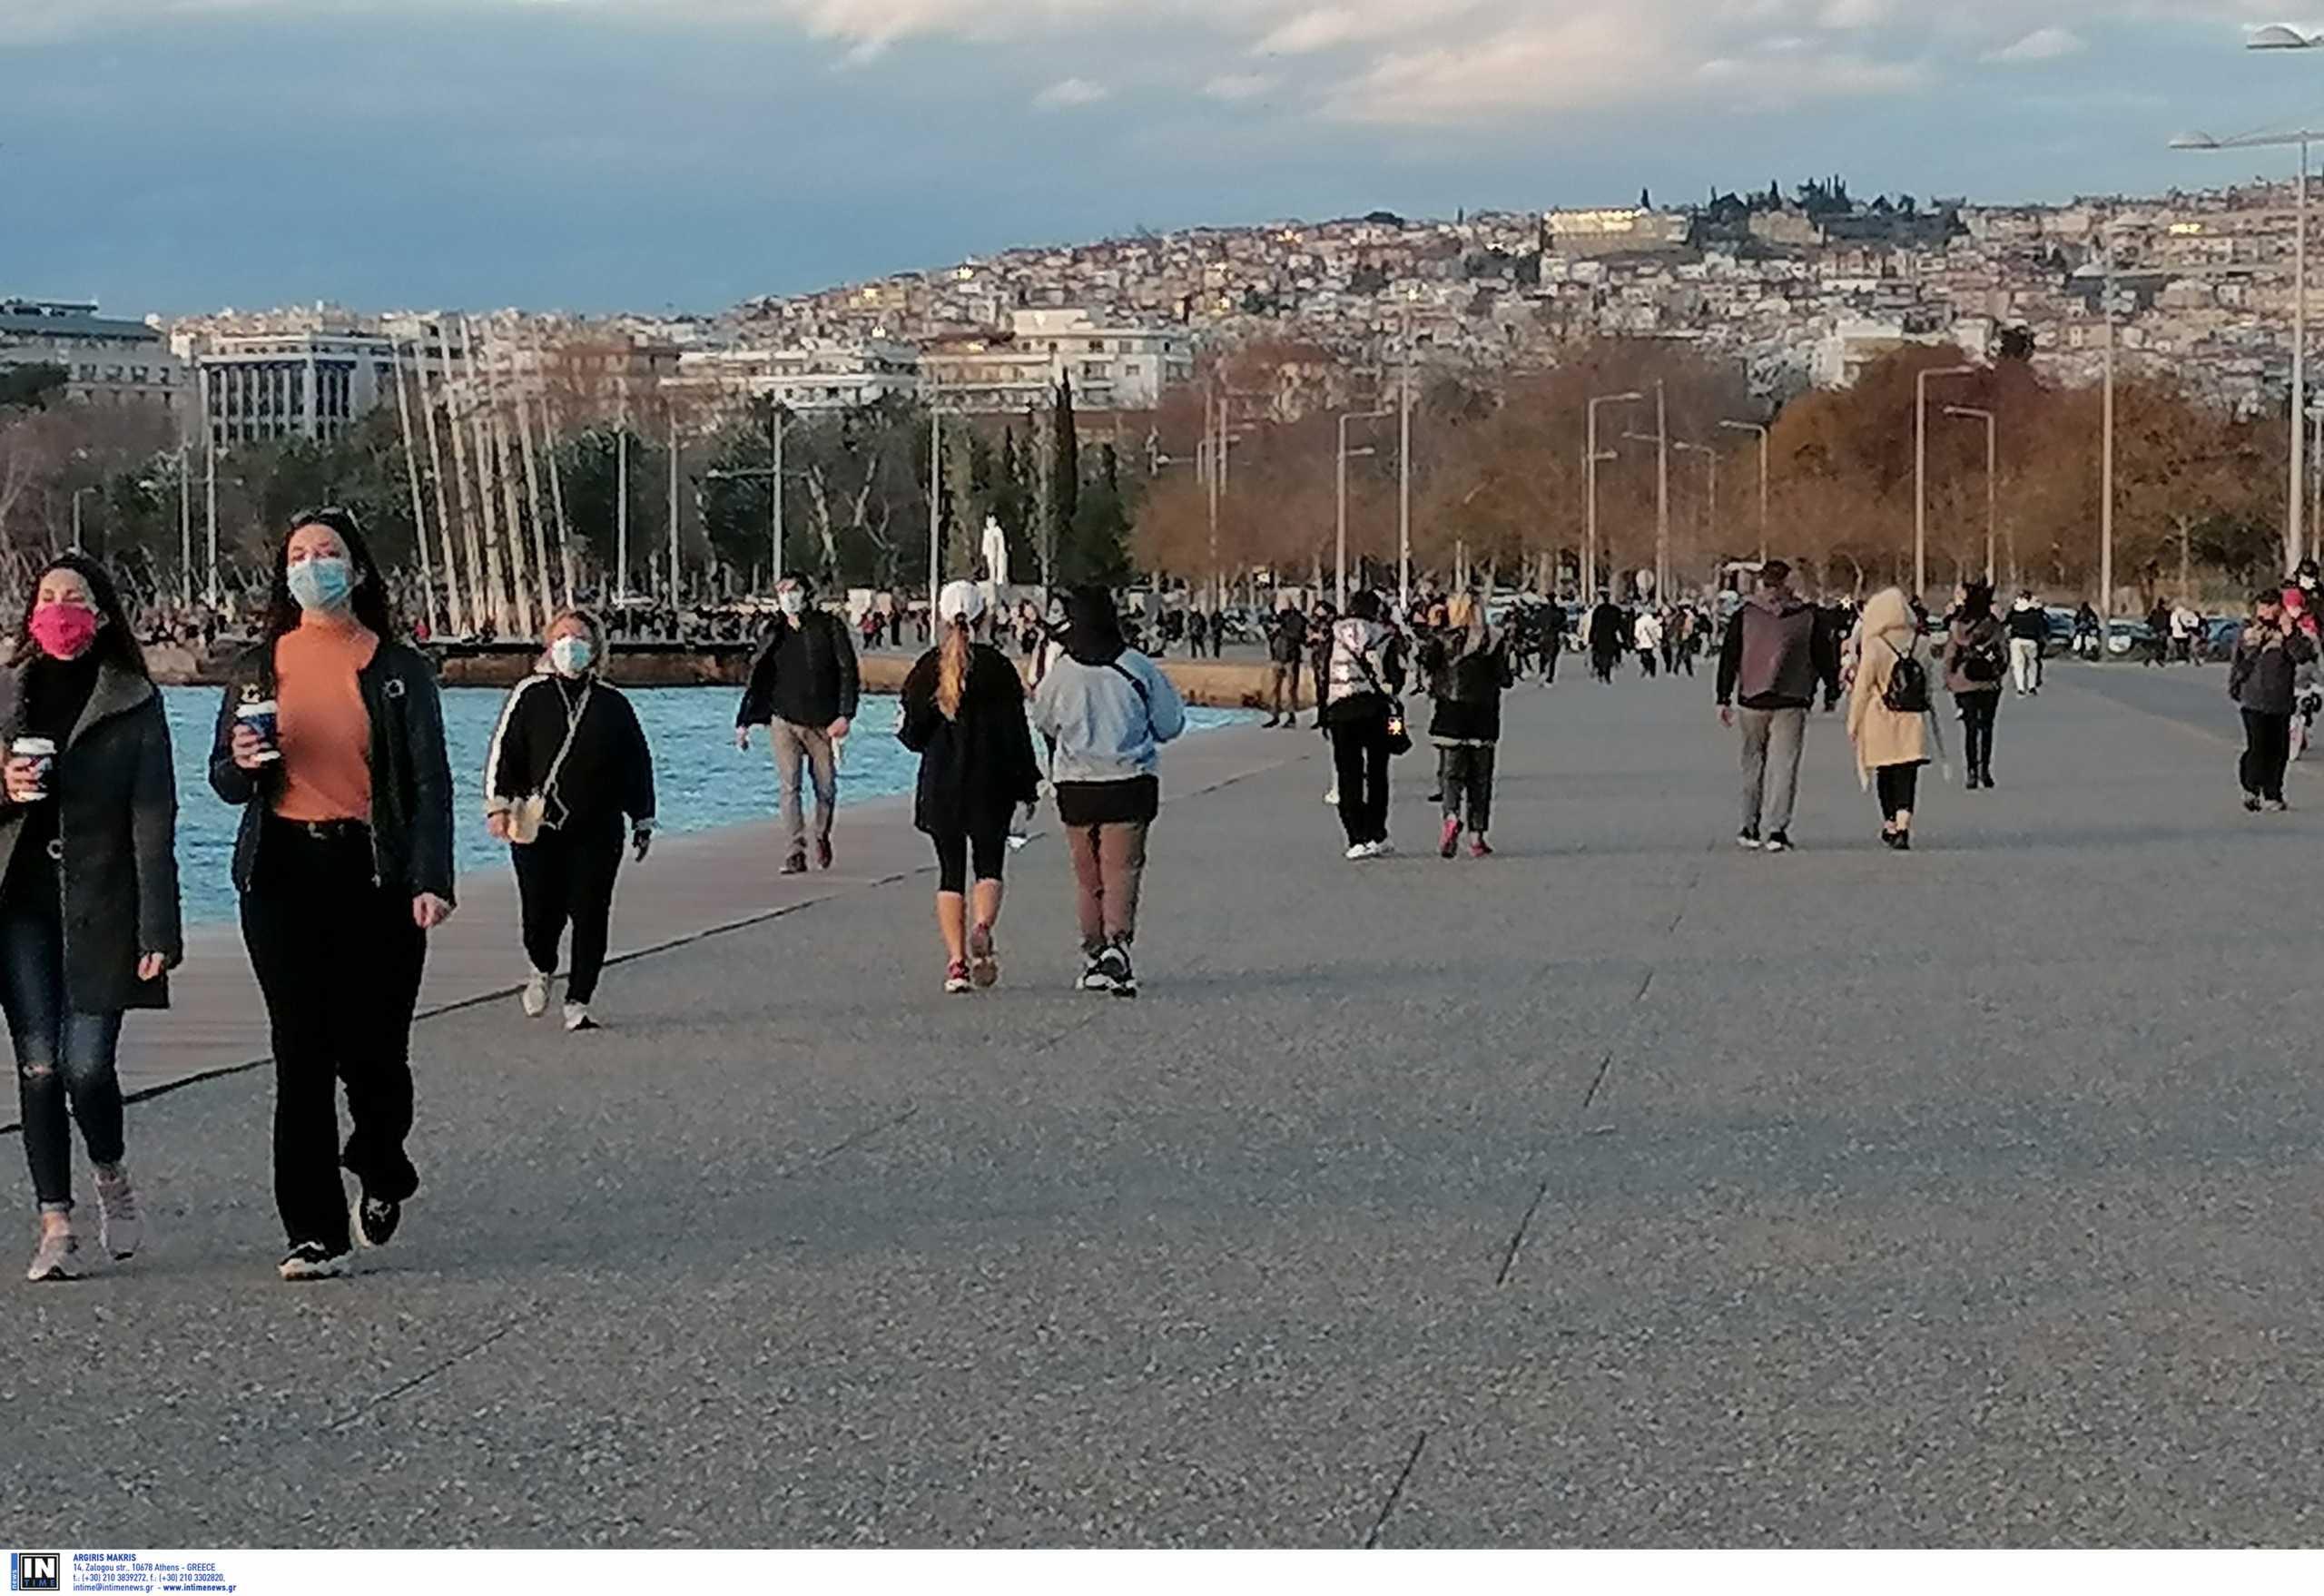 Θεσσαλονίκη: Κοσμοσυρροή σε νέα παραλία και πλατεία Αριστοτέλους